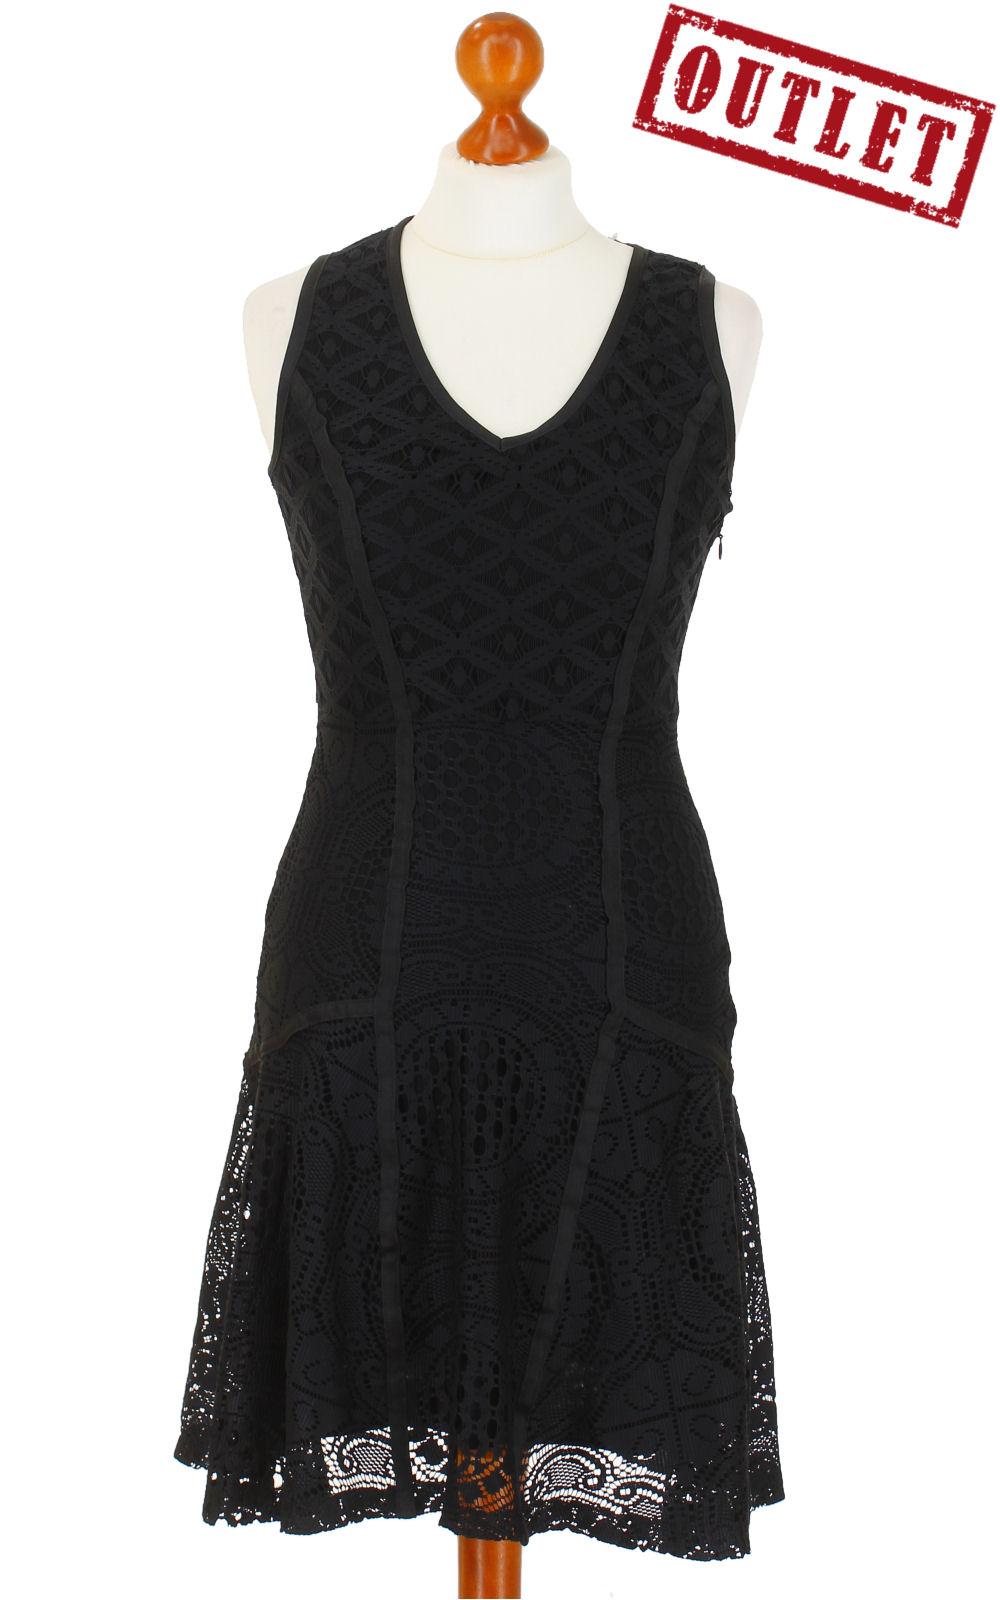 bc3ce13535 Outlet ruha | Női Egészruha, Desigual, Méret: S, Outlet | http://www ...